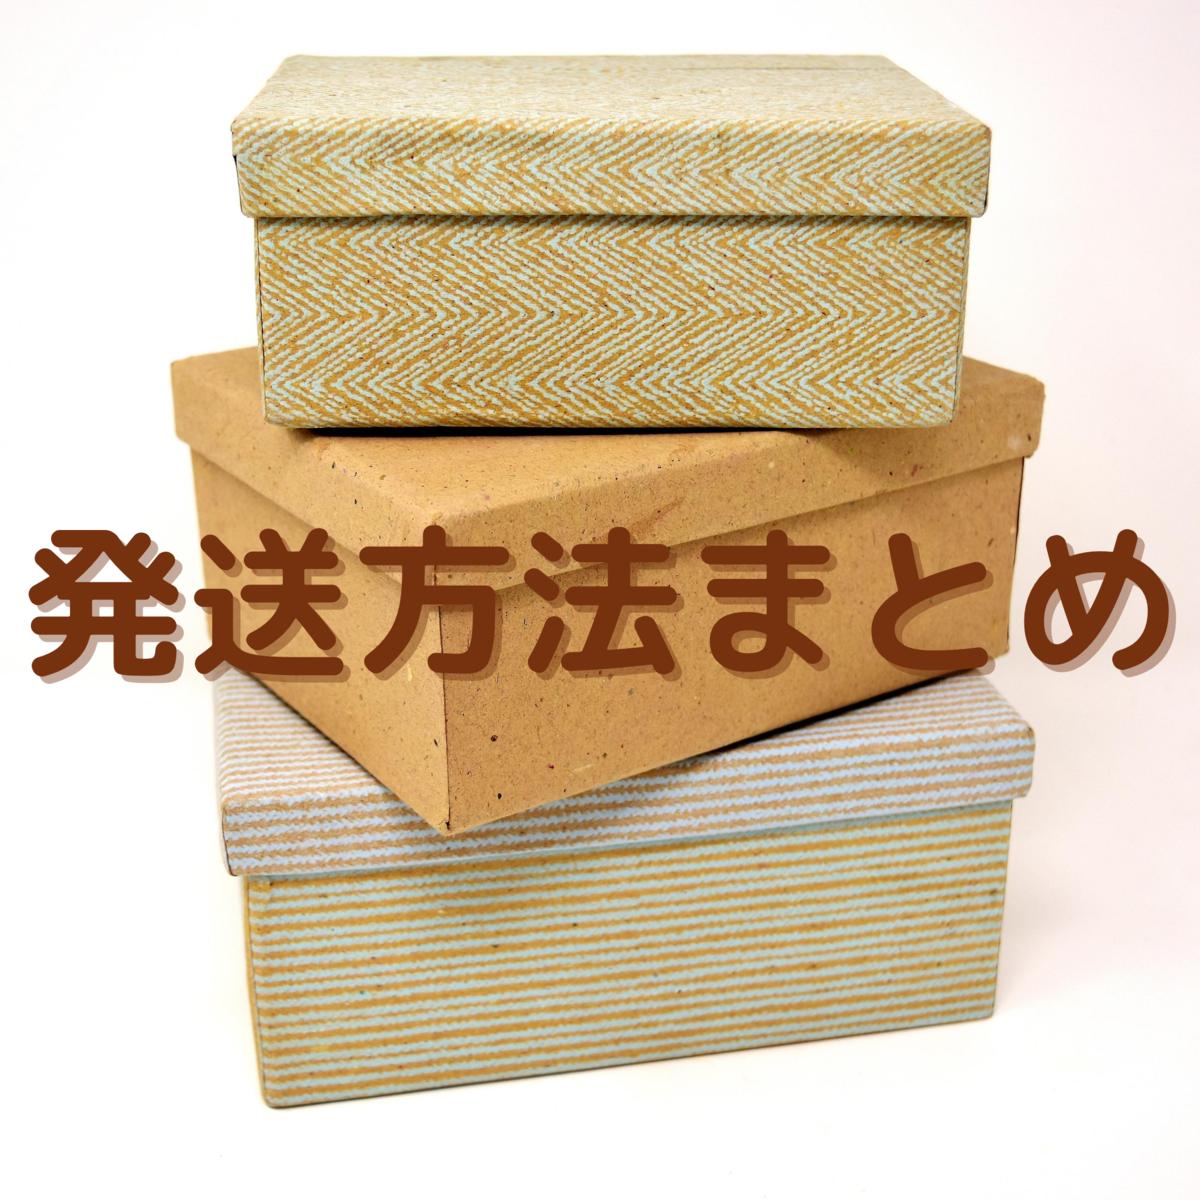 f:id:blue_otorihiki:20200730064922p:plain